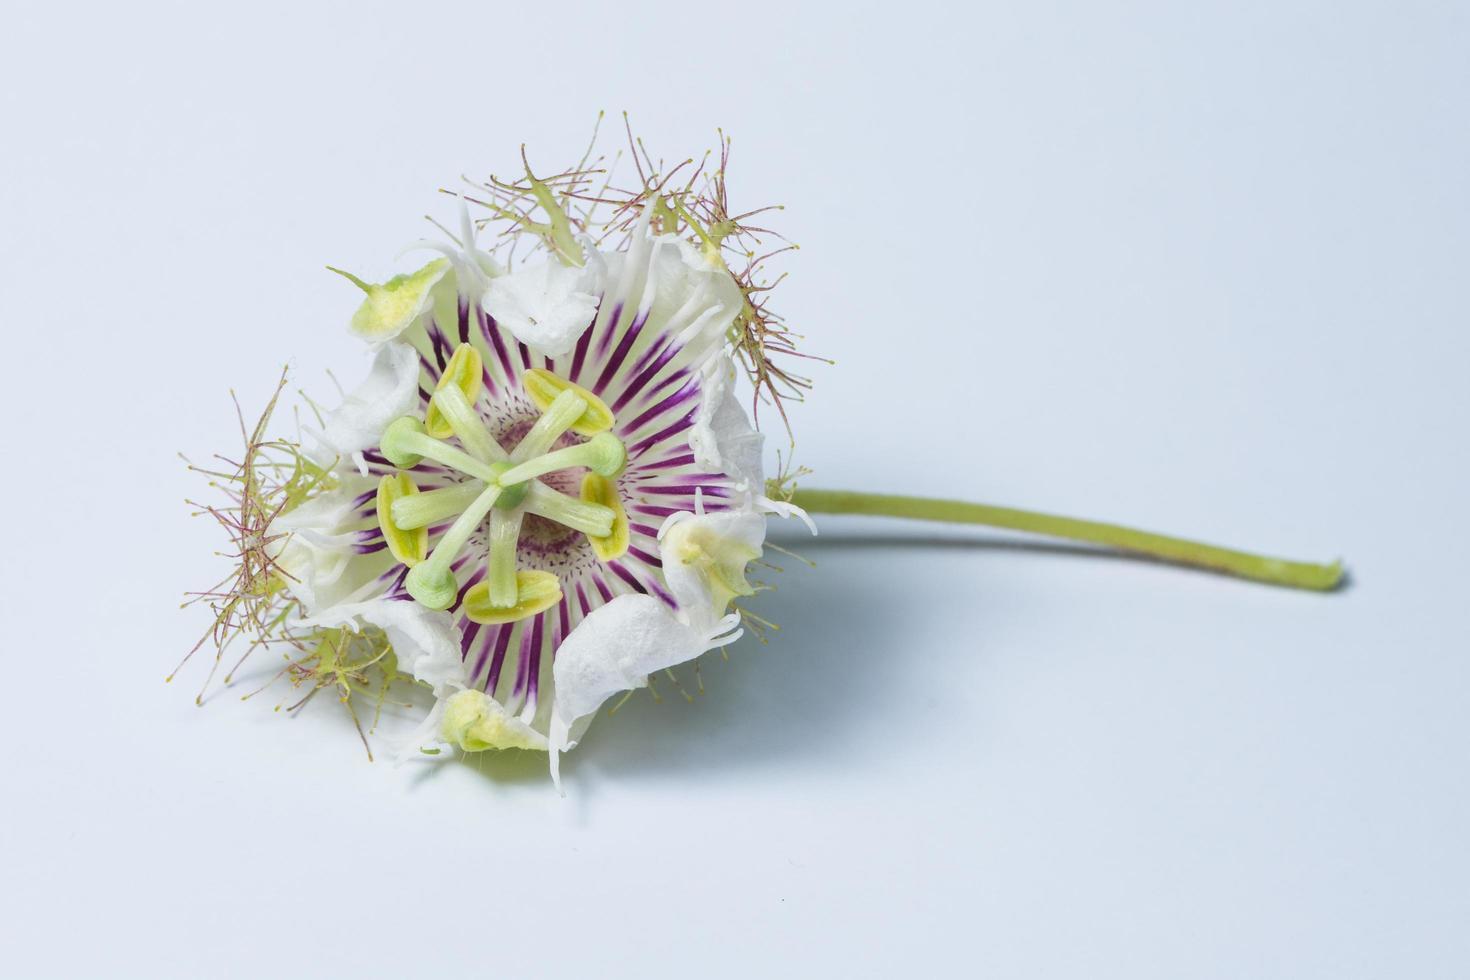 fiore viola e bianco su sfondo bianco foto